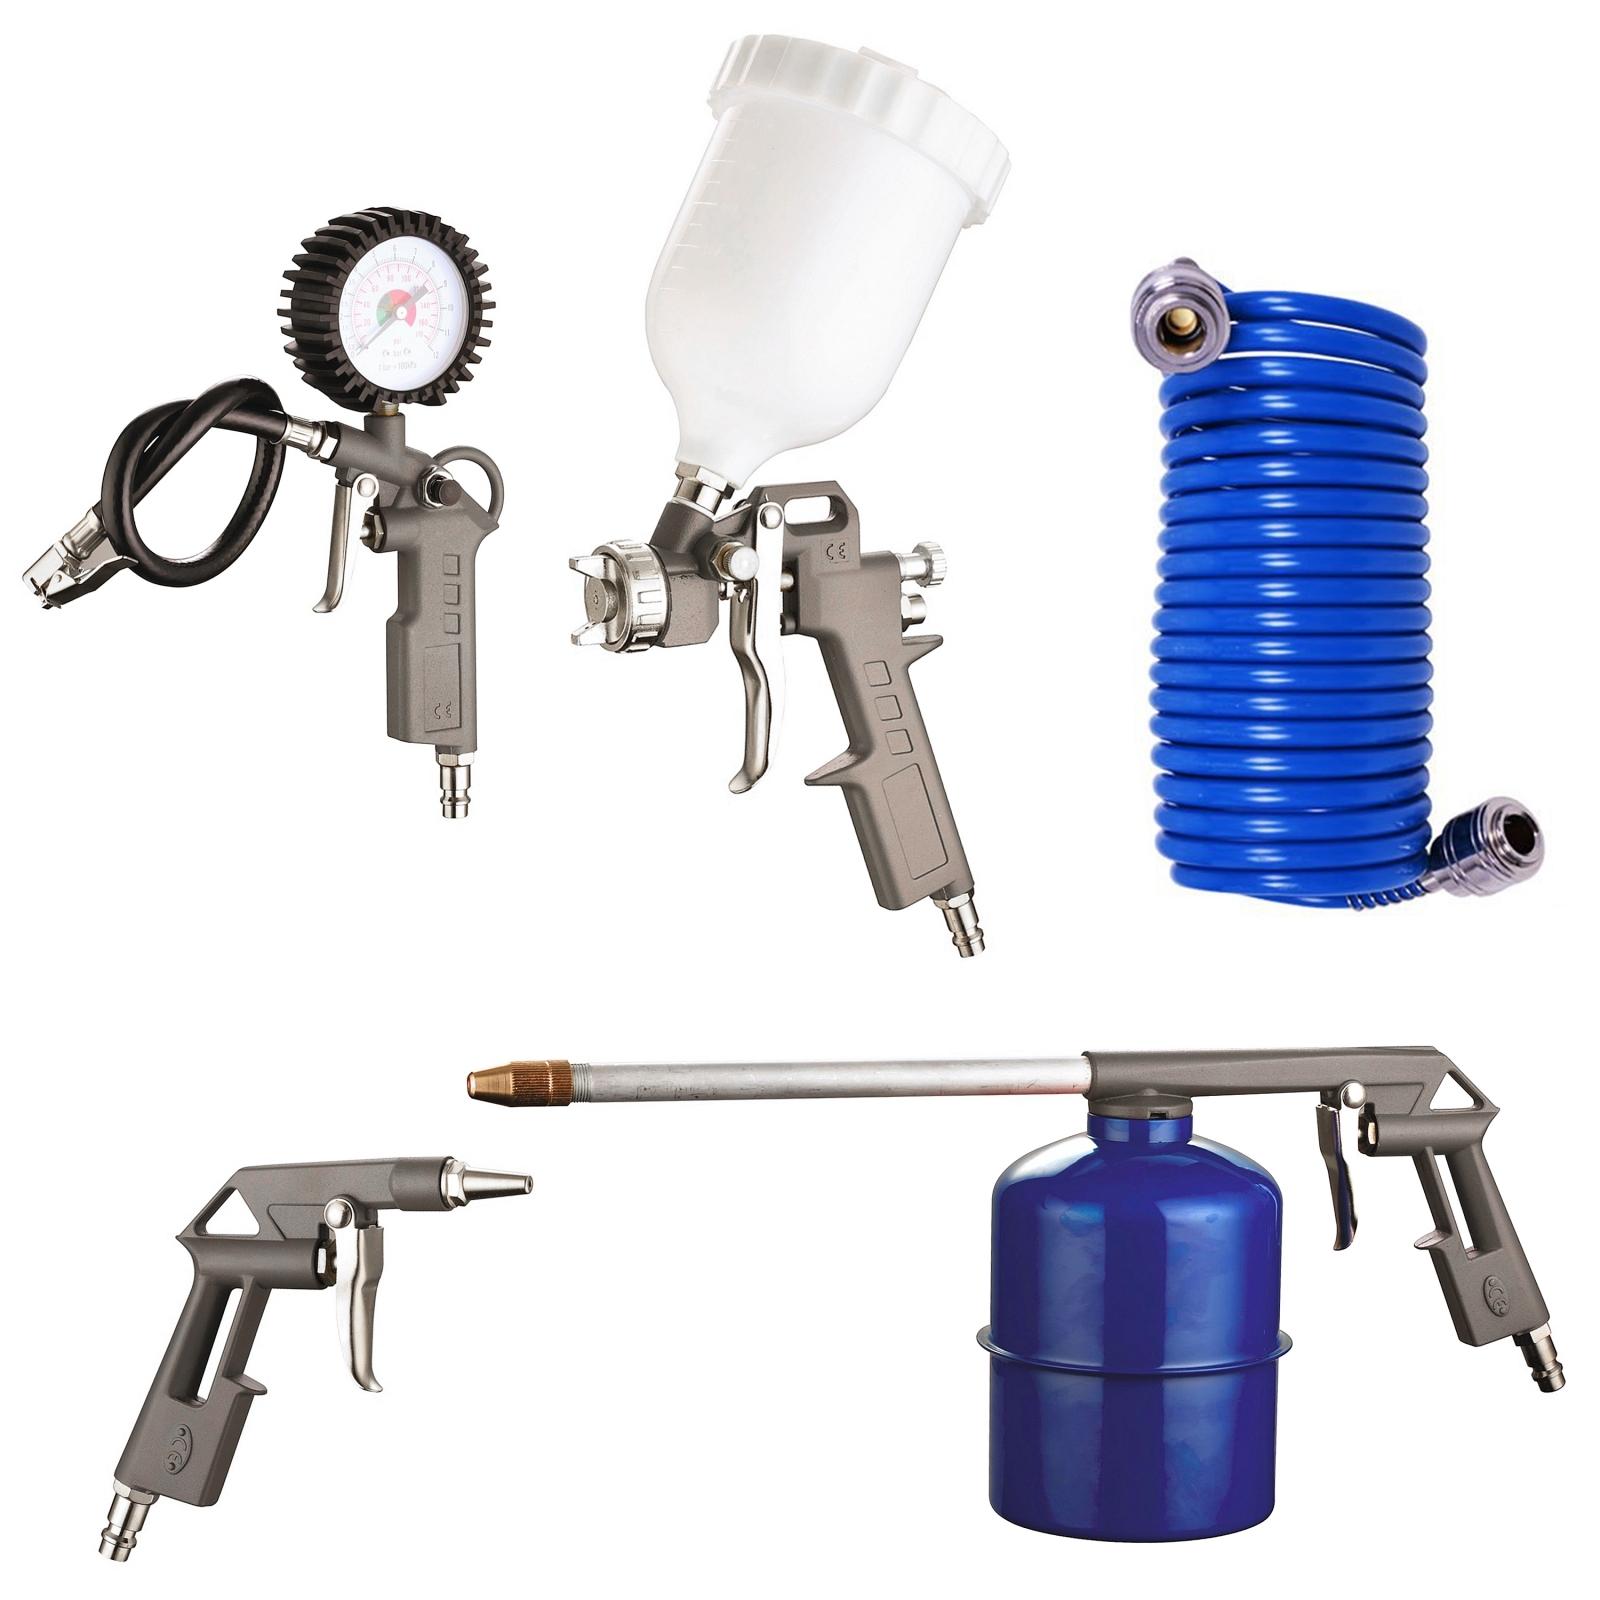 Pistola De Pintura Kit Com Acessórios 5 Peças Pro-517k - Ferramentas MEP